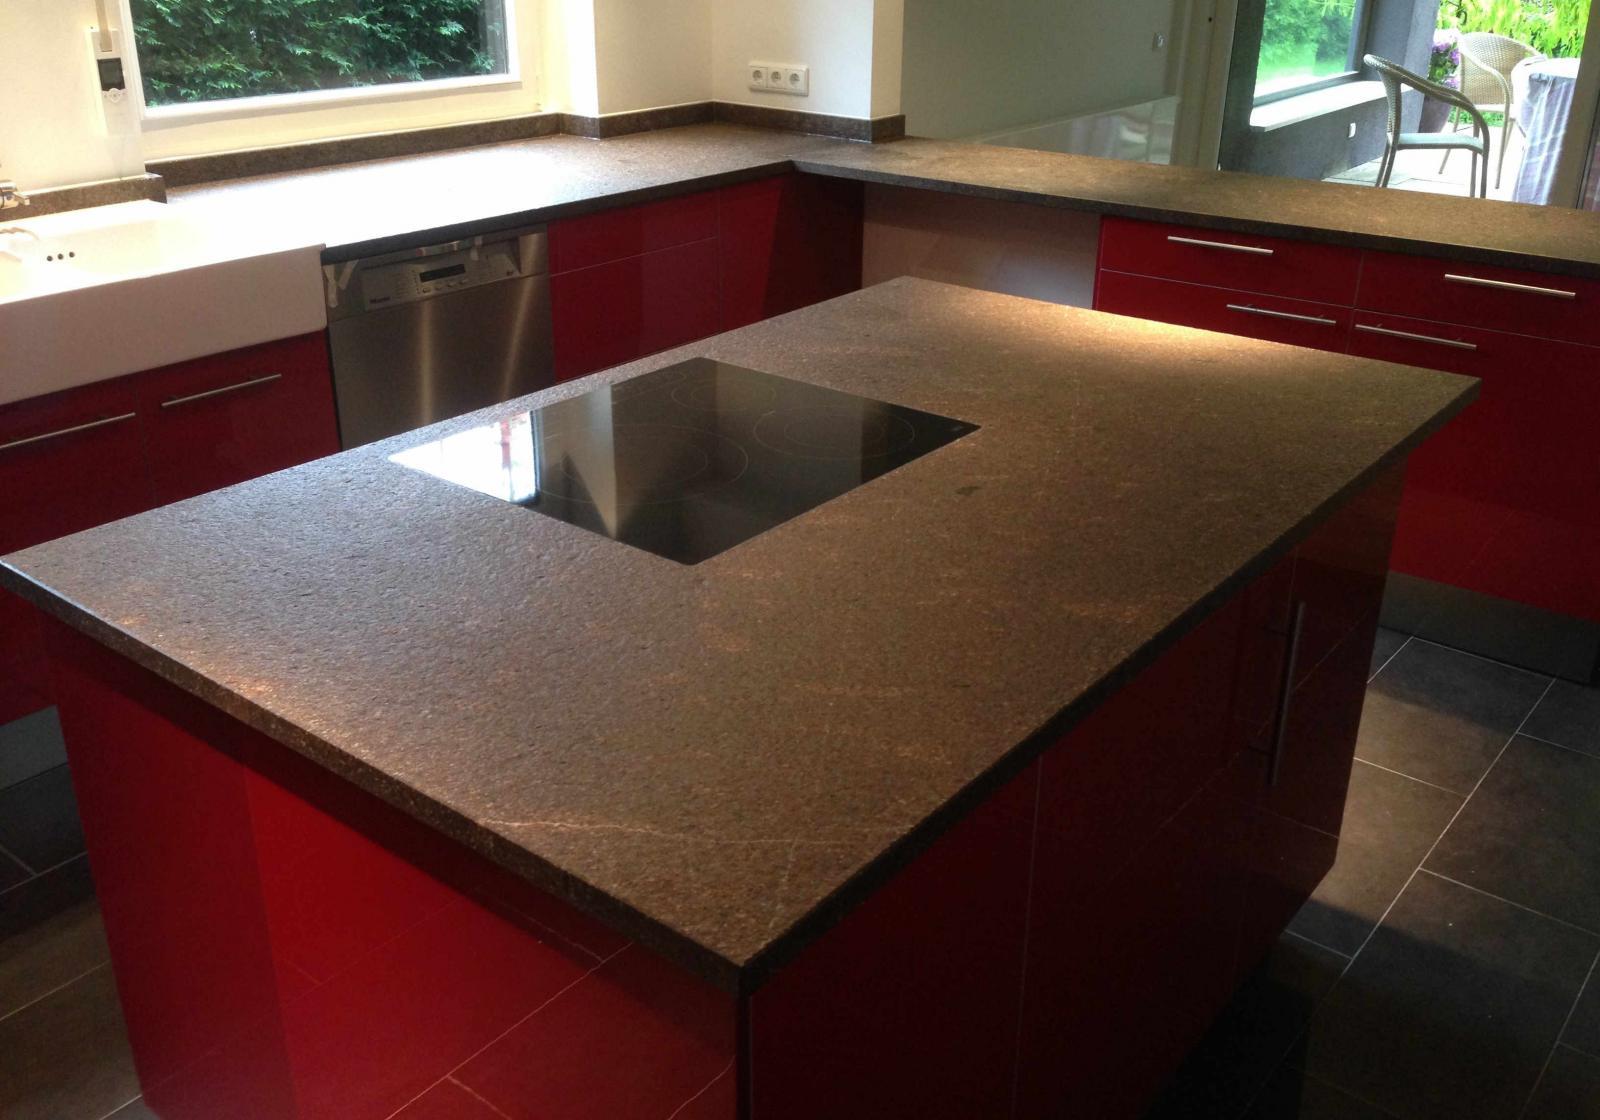 Küchenplatte aus Porphyr braun